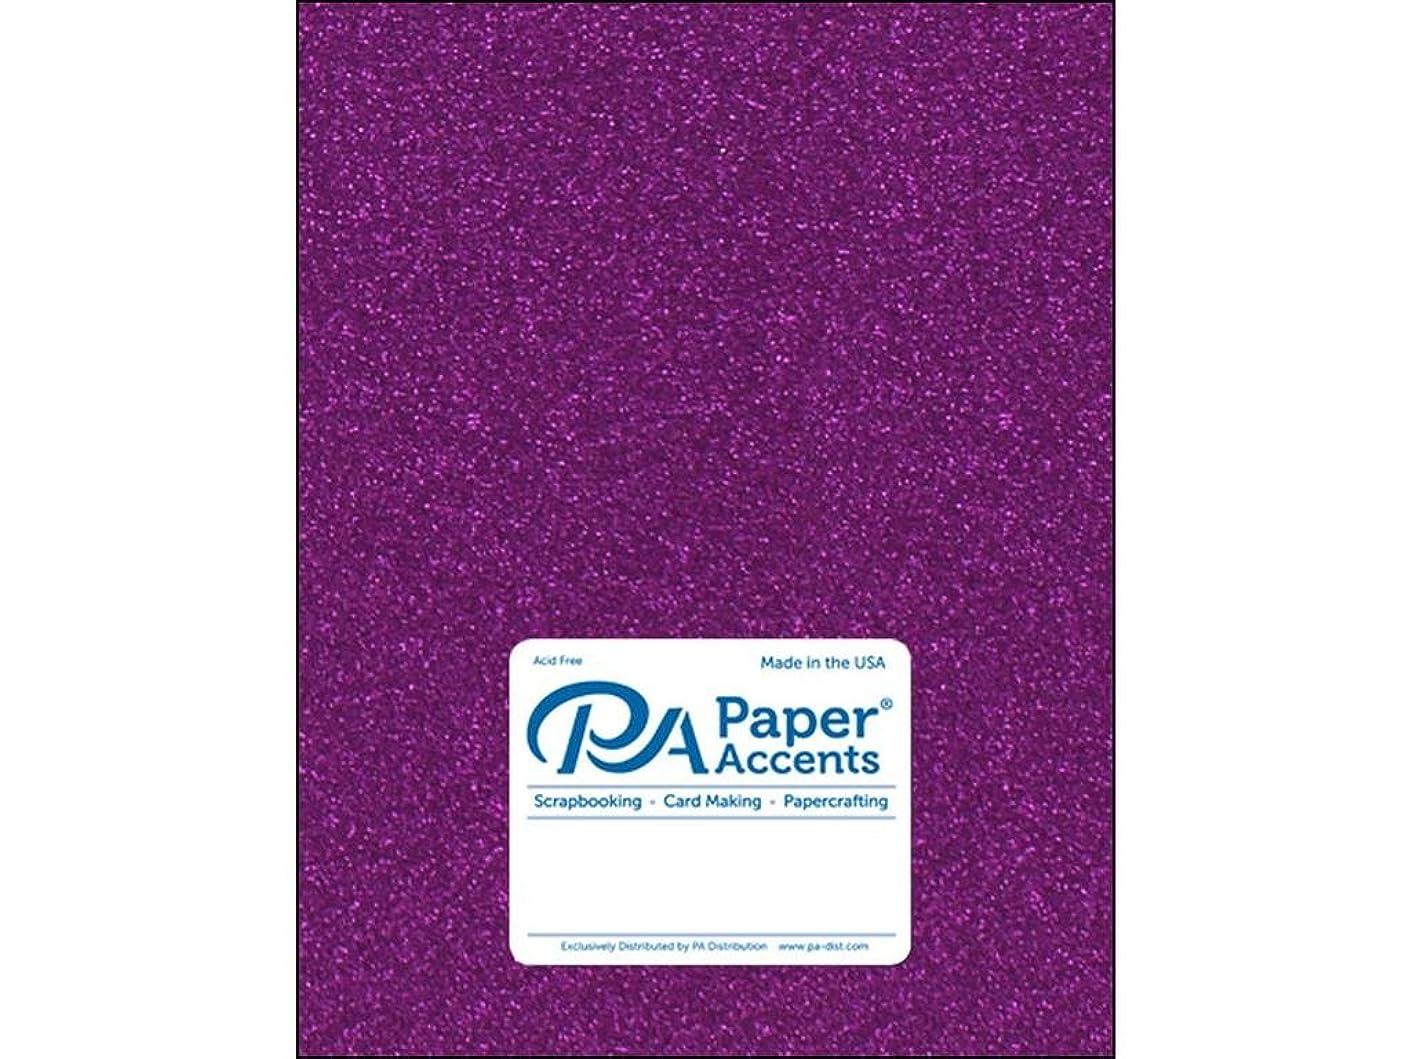 Paper Accents 85lb 5pc Cdstk Glitter 8.5x11 Purple